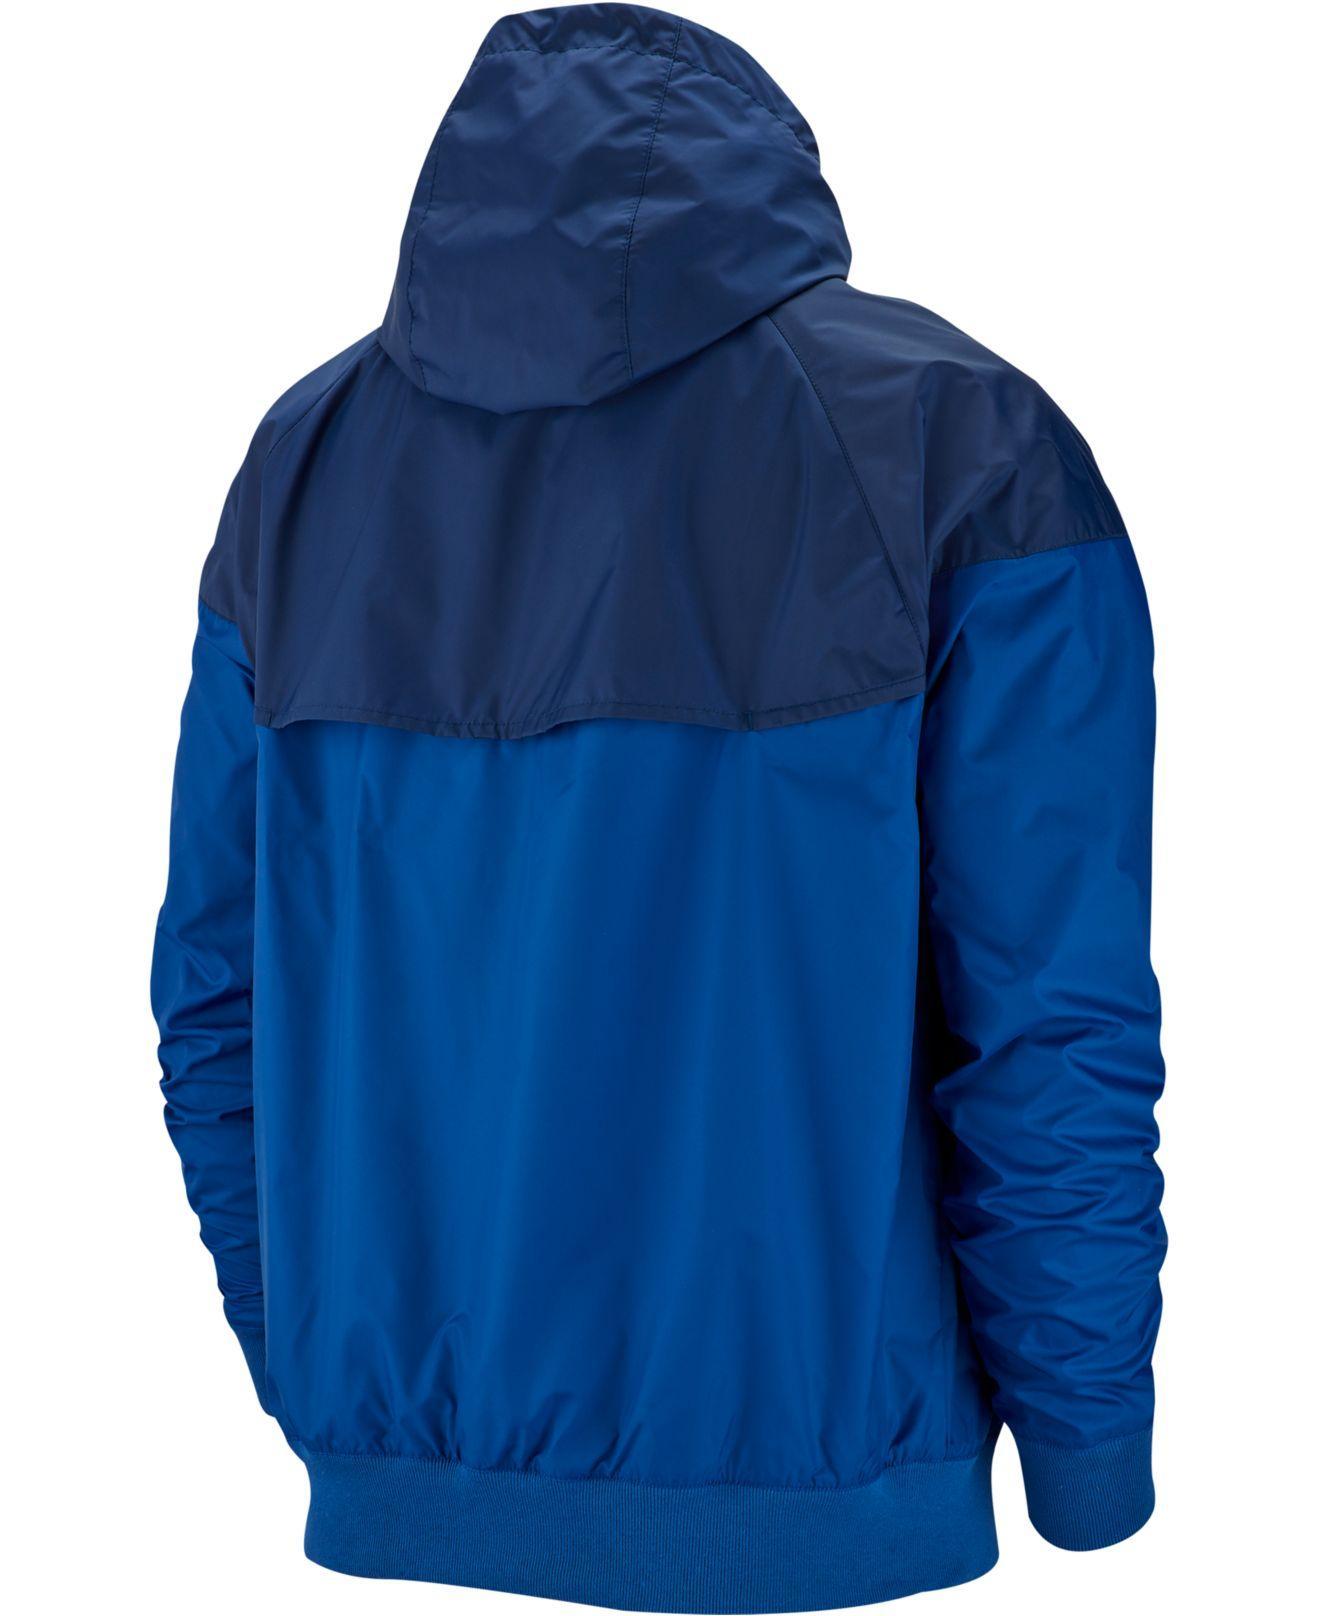 5f9a08caa6 Lyst - Nike Sportswear Windrunner Jacket in Blue for Men